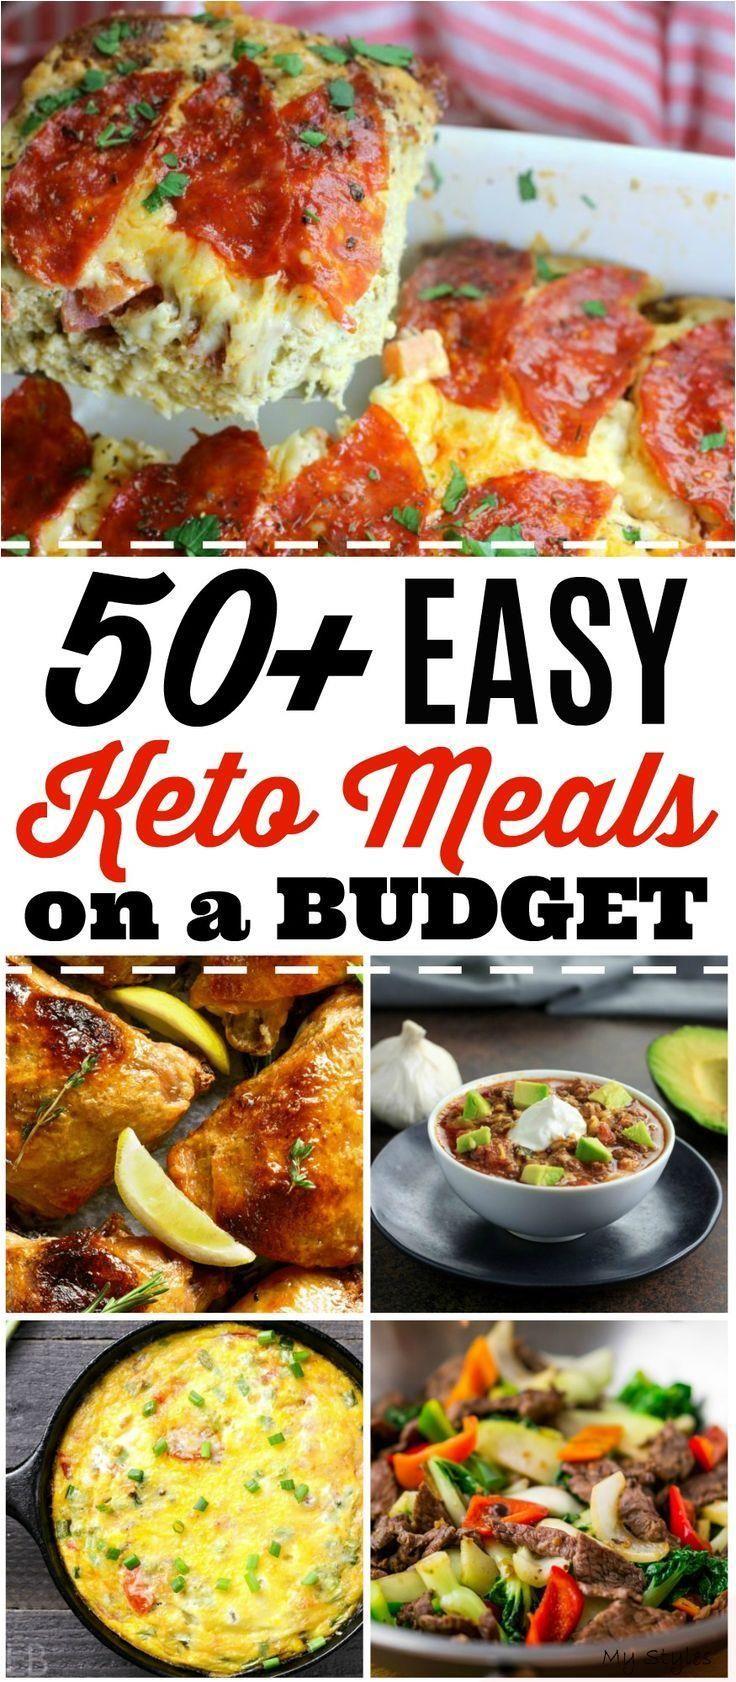 Budget Keto Diet